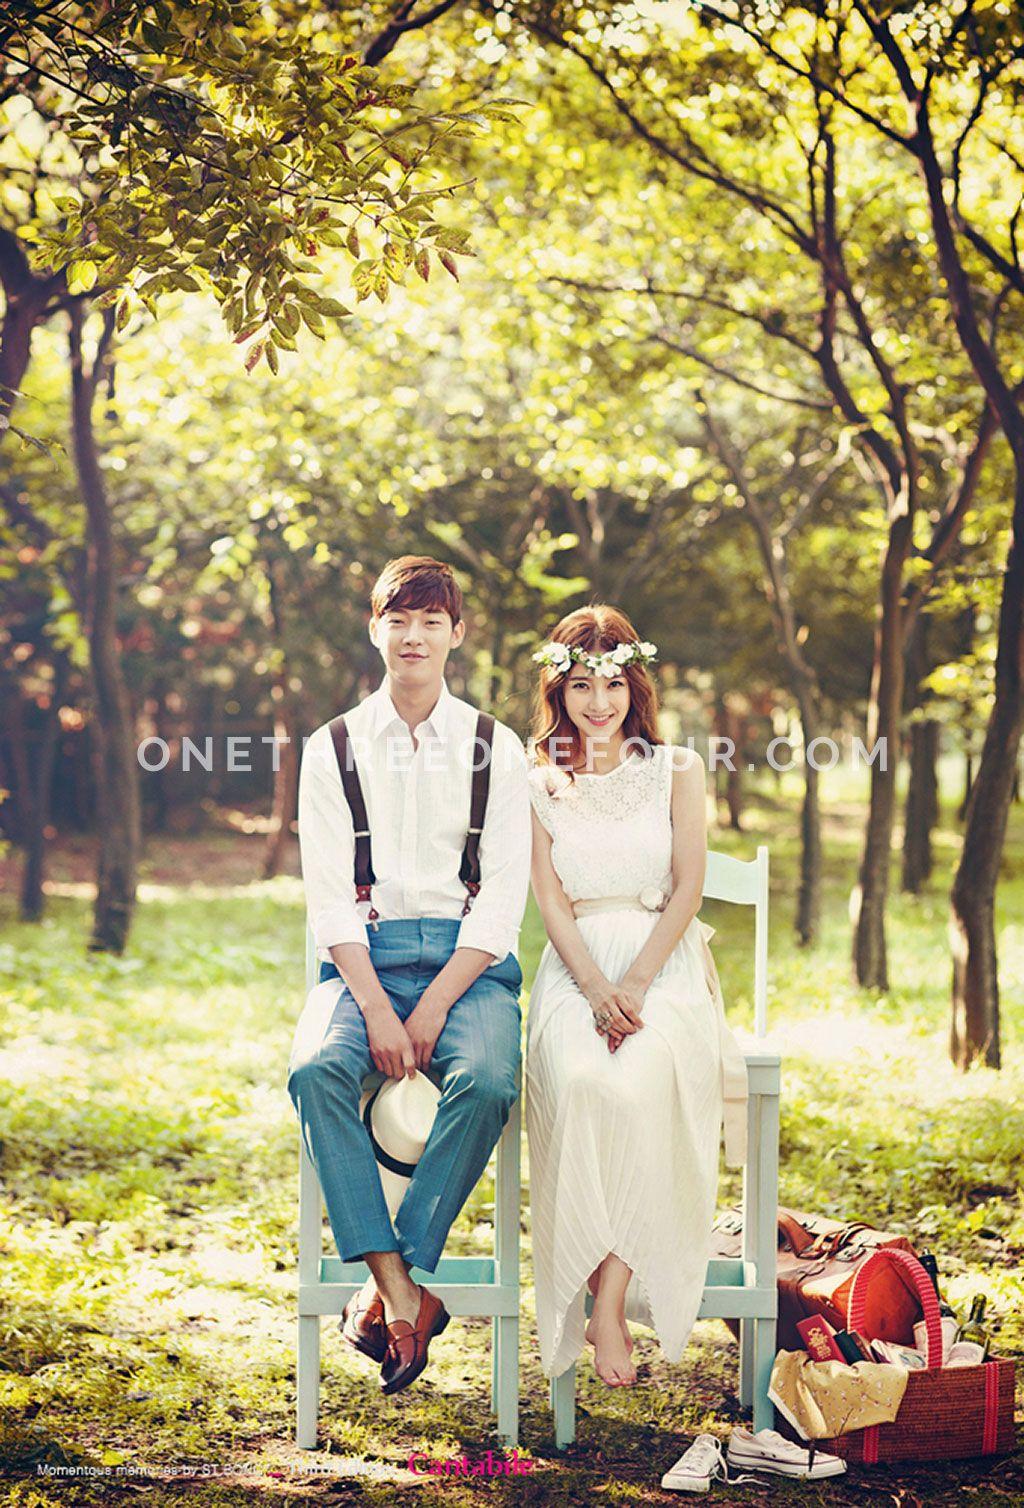 Outdoor Photography Collection | Korean wedding